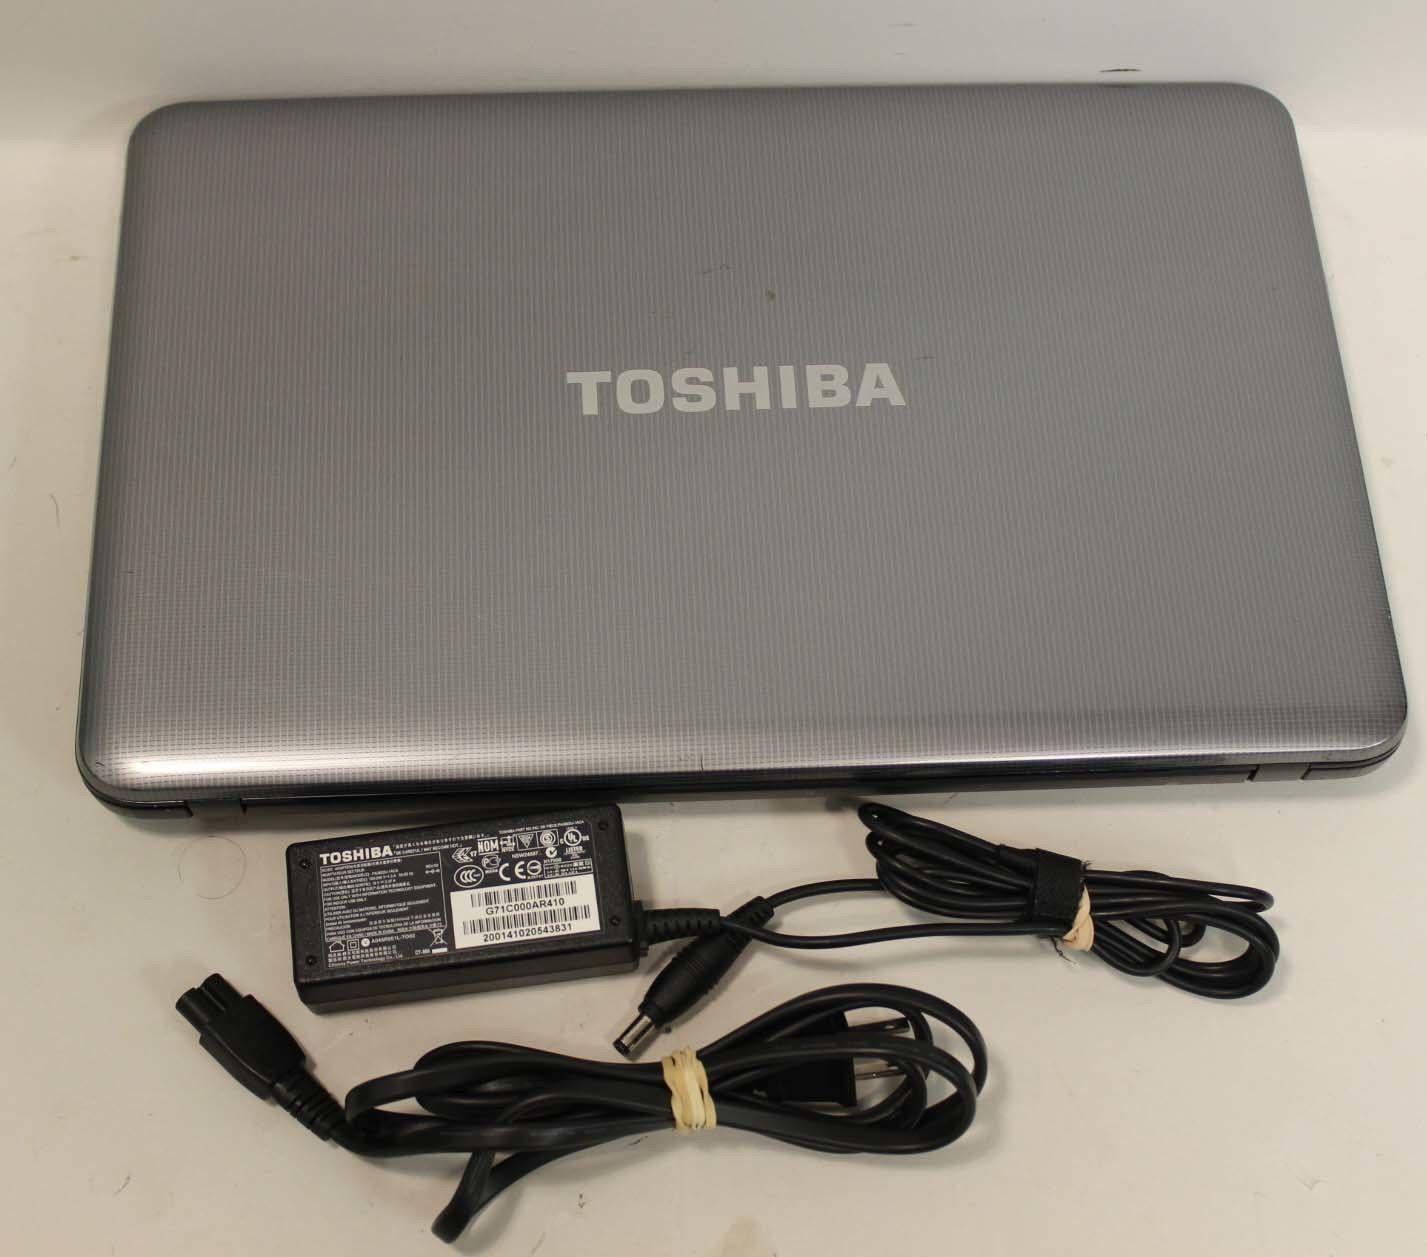 Toshiba Satellite C855-S5350 Pentium B980 2.4Ghz 6GB 640GB 15 WIN 8